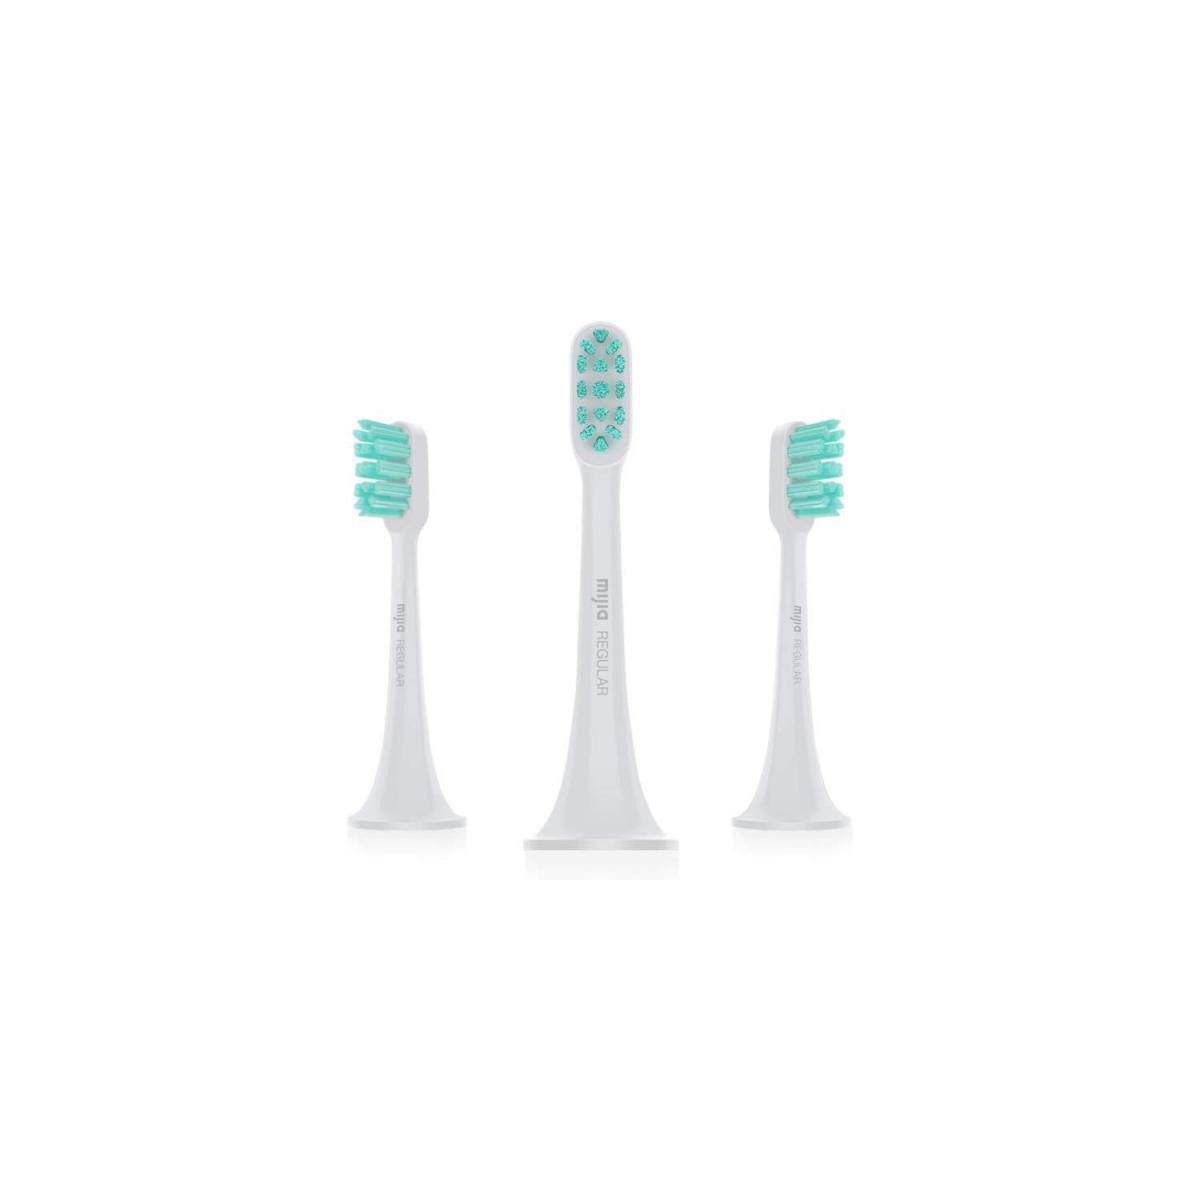 XIAOMI XIAOMI - Recharge 3 tetes de brosse a dent pour bosse a dent électrique